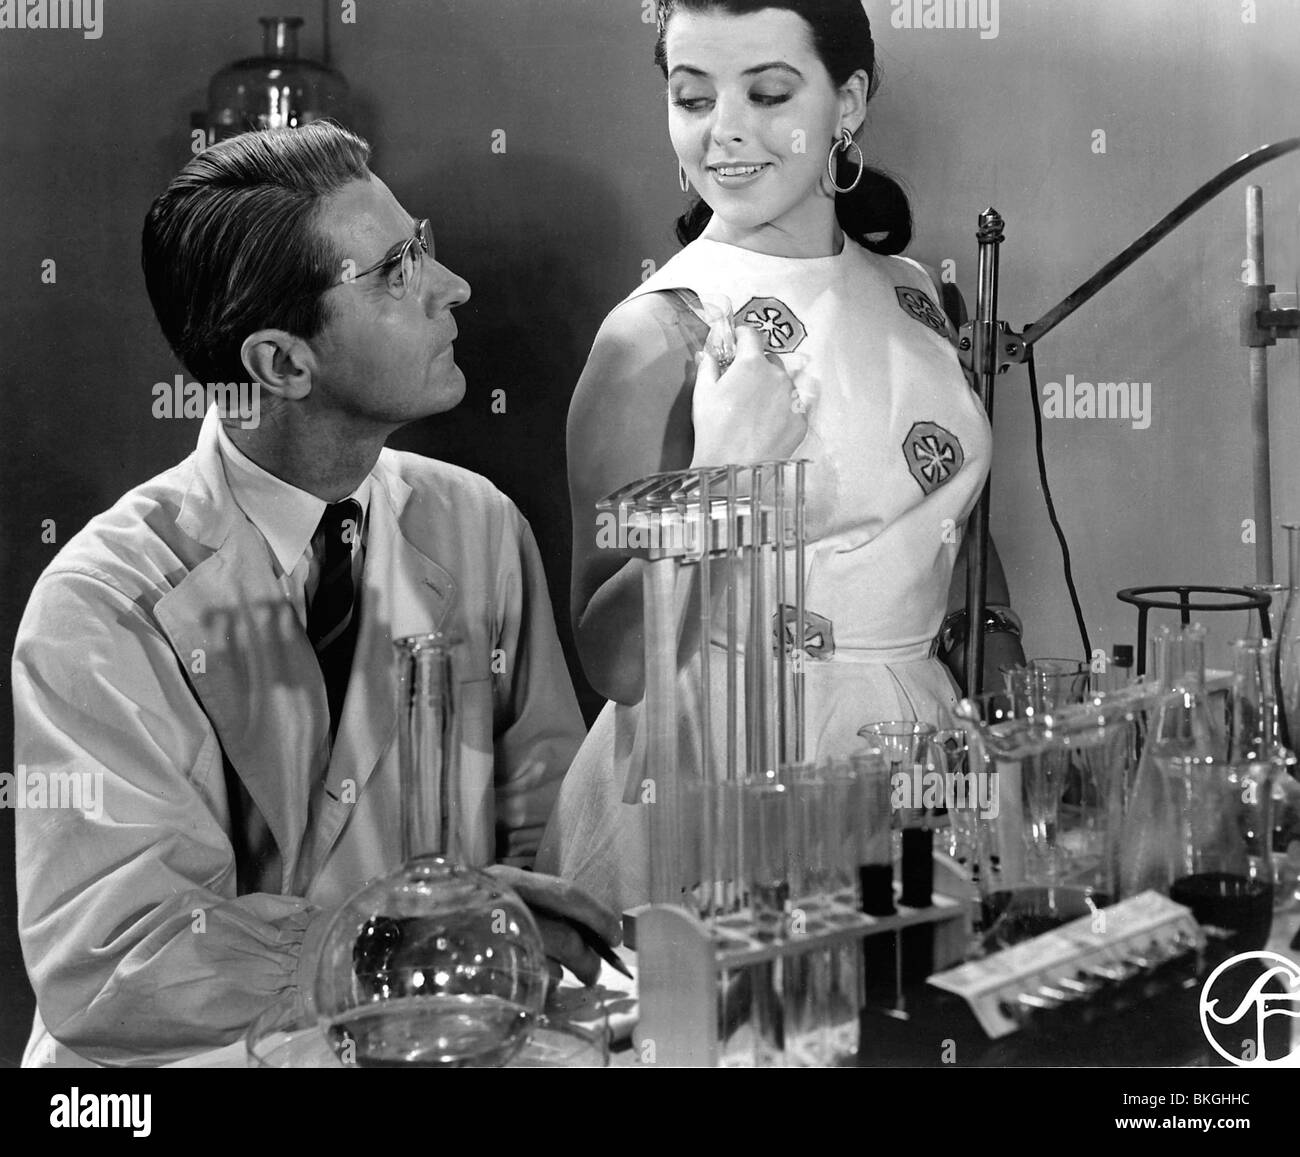 A LESSON IN LOVE (1954) INGMAR BERGMAN (DIR) LLOV 002 P - Stock Image